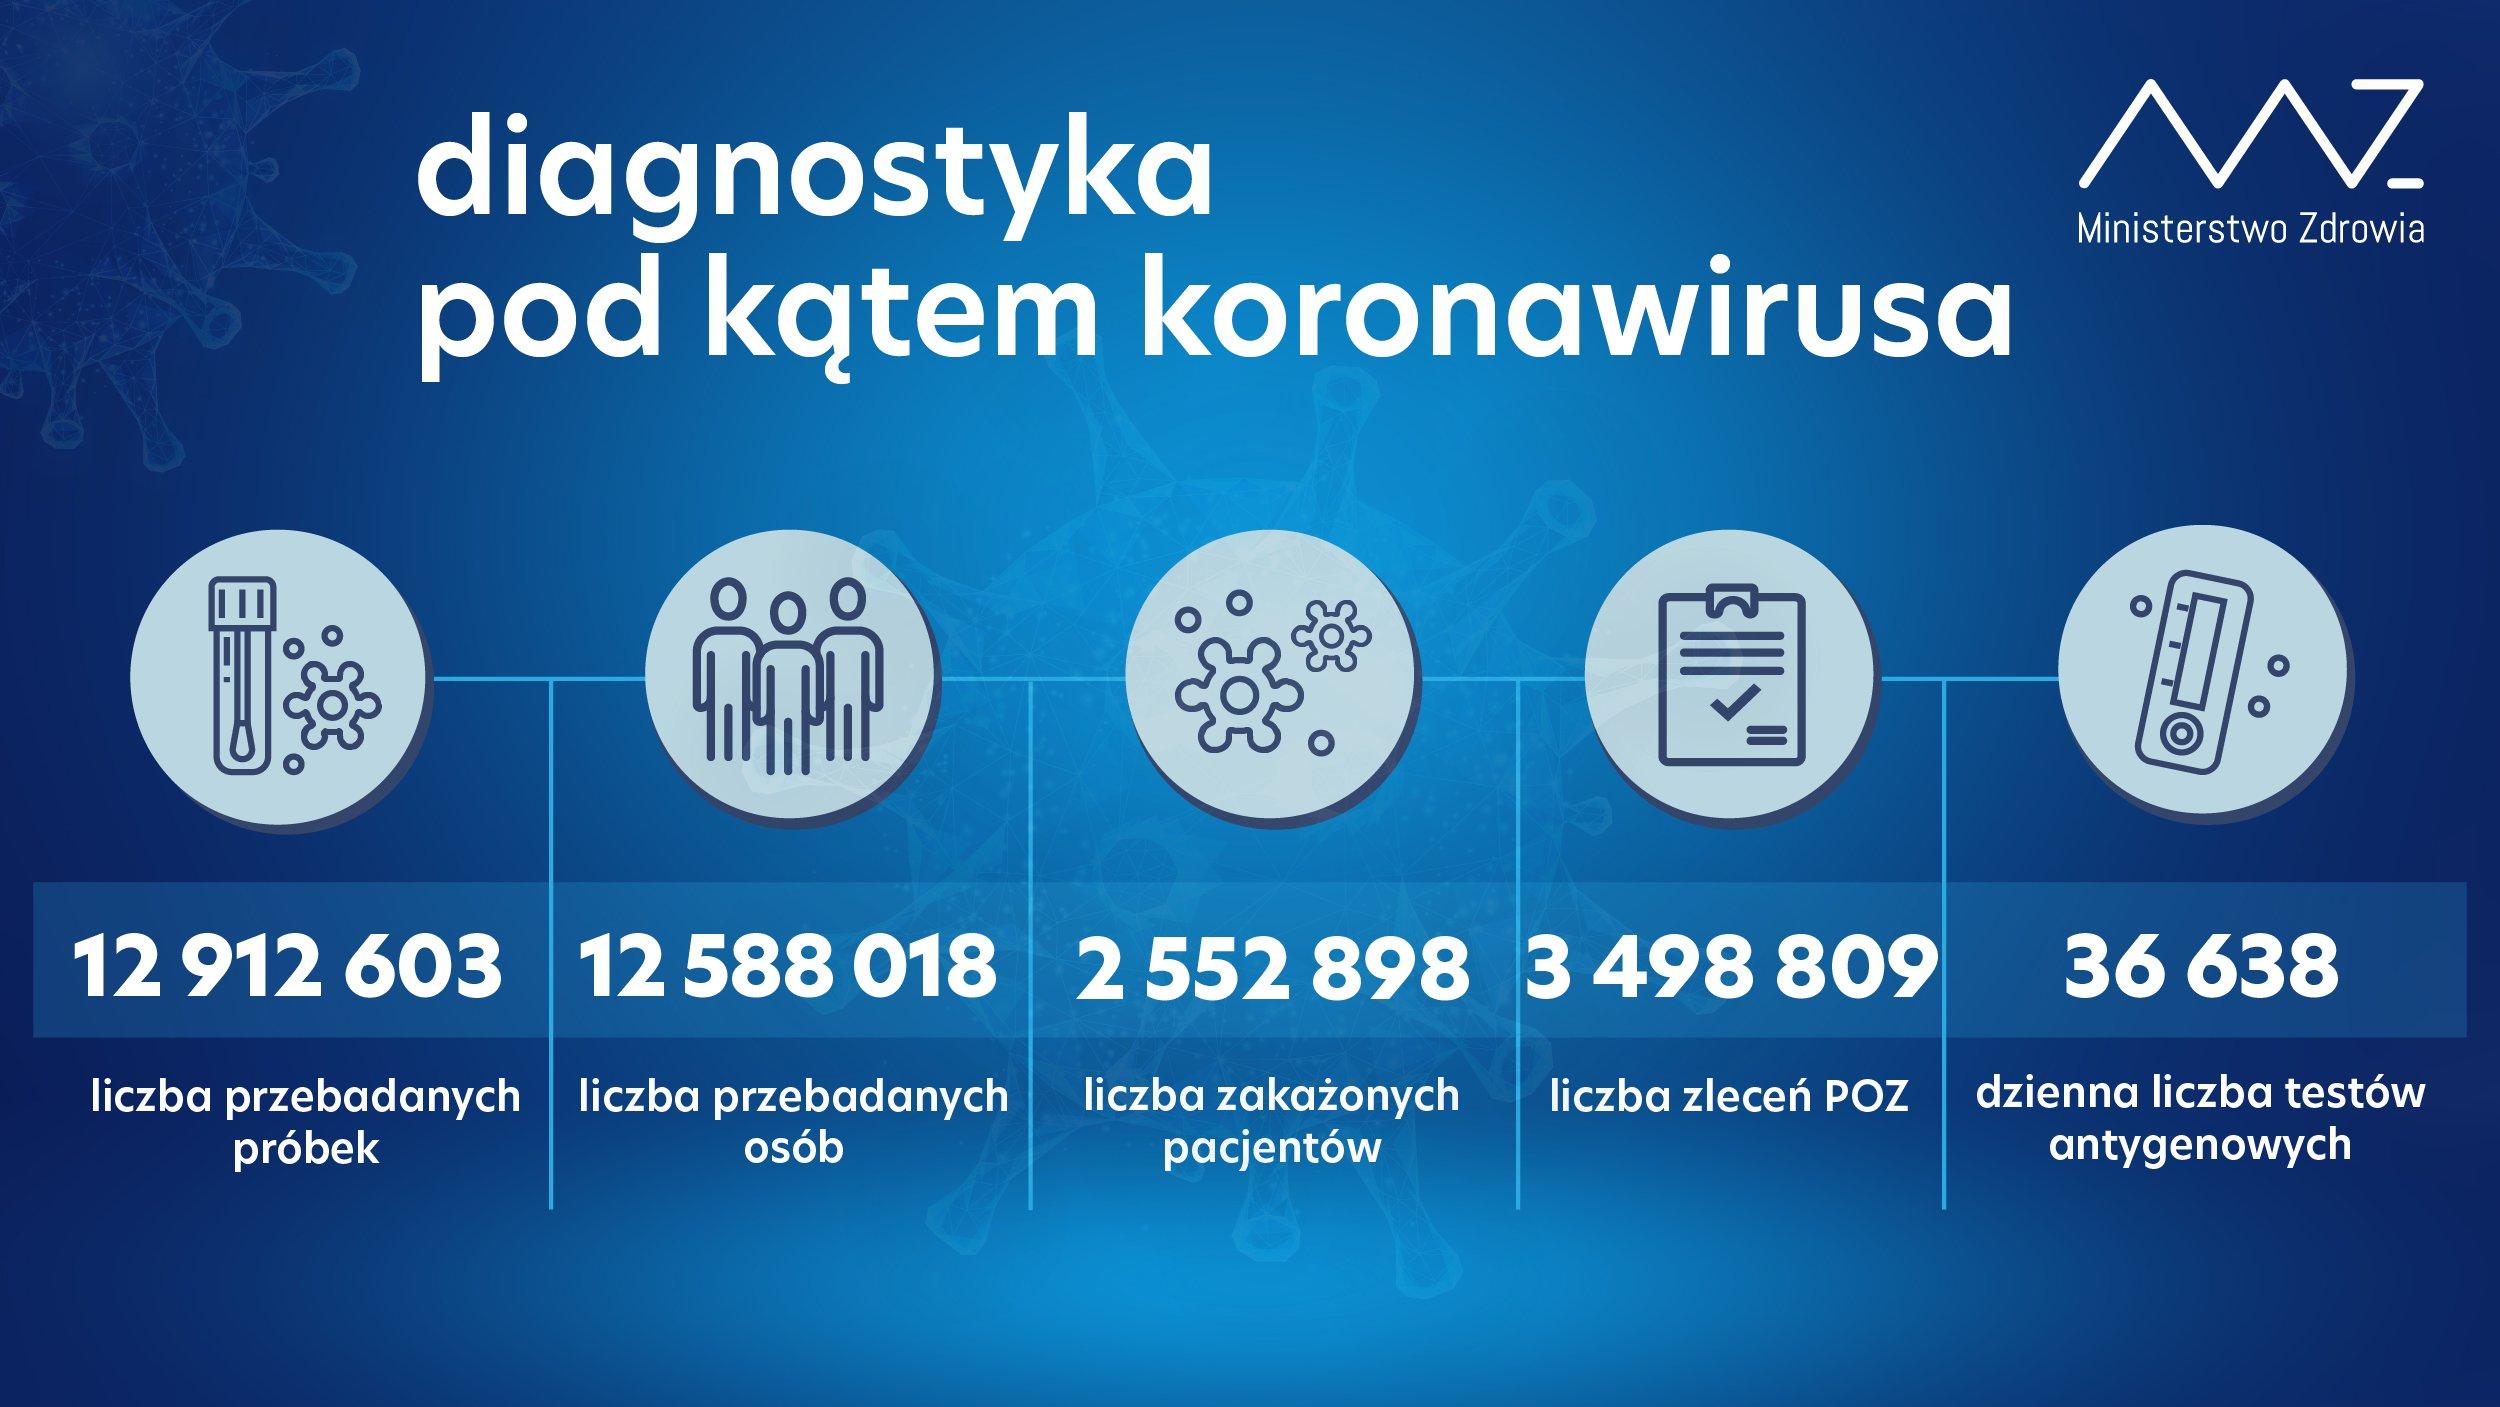 - 12 912 603 przebadanych próbek; - 12 588 018 przebadanych osób; - 2 552 898 zakażonych pacjentów; - w ciągu doby wykonano 105 019 testów, w tym 36 638 testów antygenowych; - liczba zleceń z POZ: 3 498 809